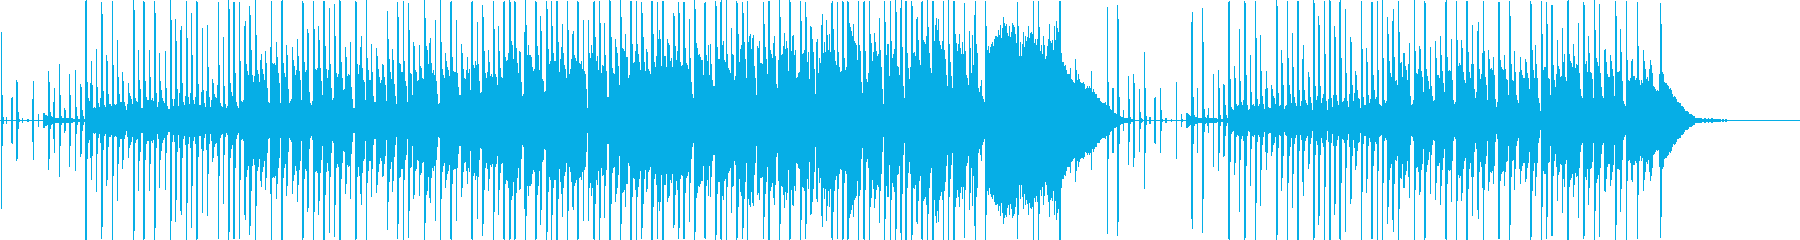 日常系学園アニメの教室のBGMの再生済みの波形